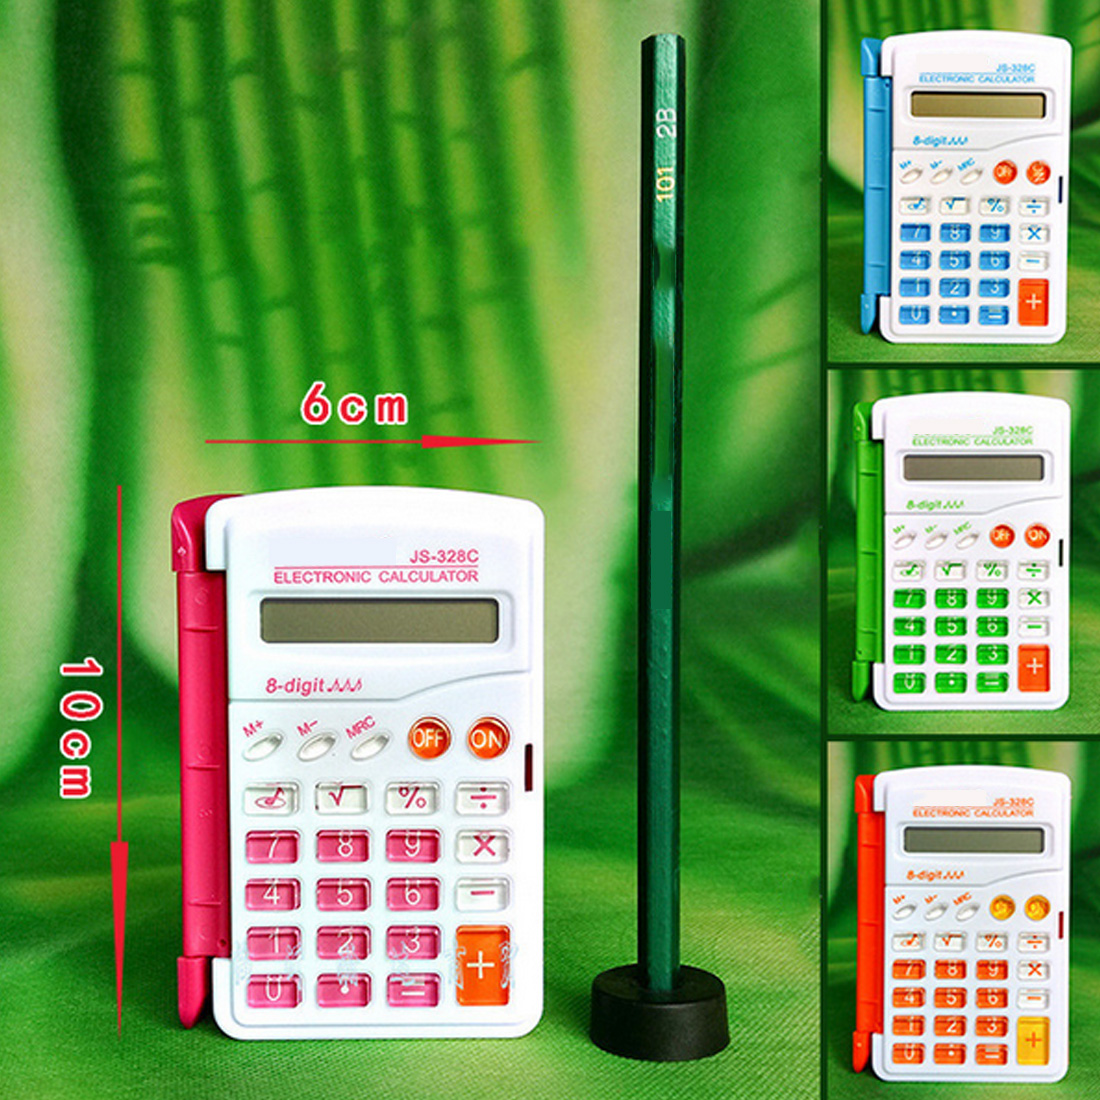 Etmakit Топ Карамельный цвет офисные мини-научный калькулятор школьников Функция калькулятор multi Функция al часы калькулятор